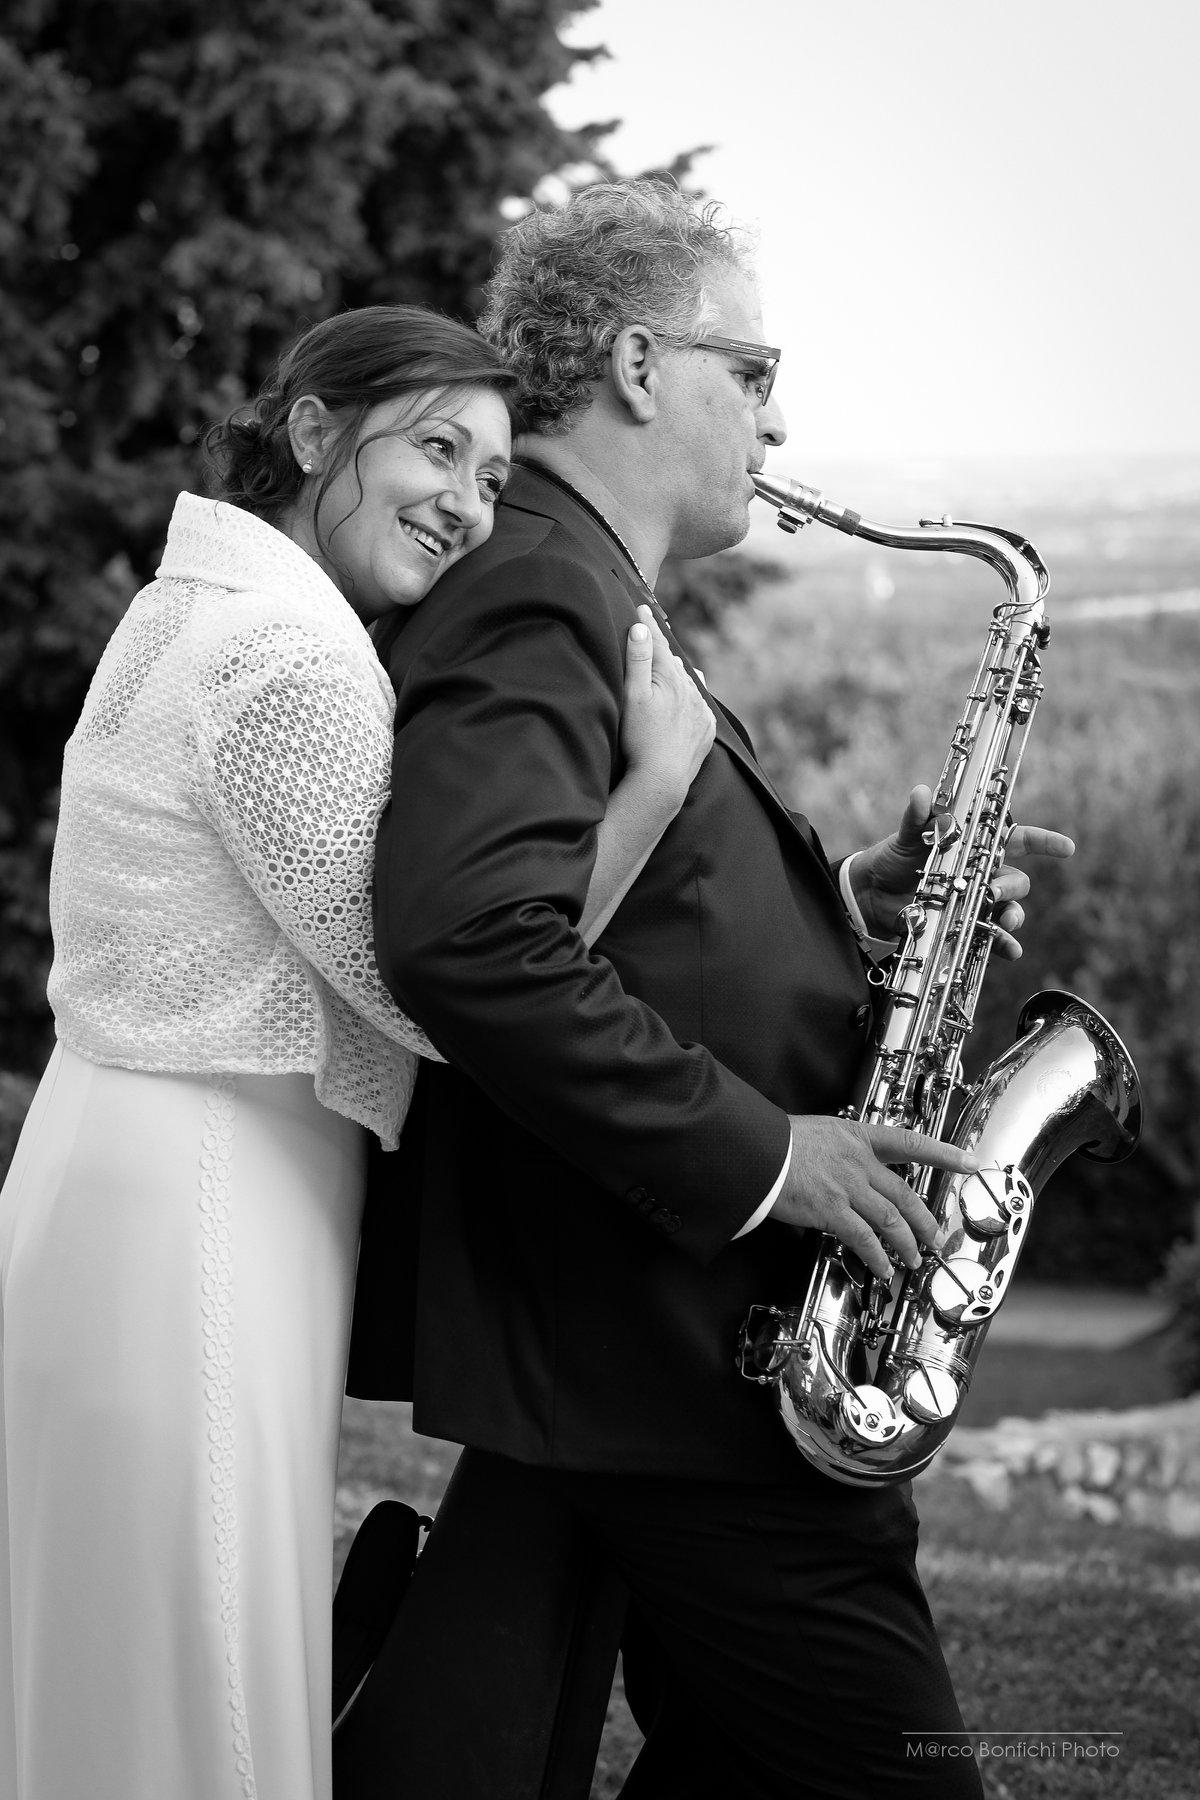 Gilberto merli è diplomato al Conservatorio di Pesaro ed è docente di Clarinetto e Sassofono a School of Art® Verona.